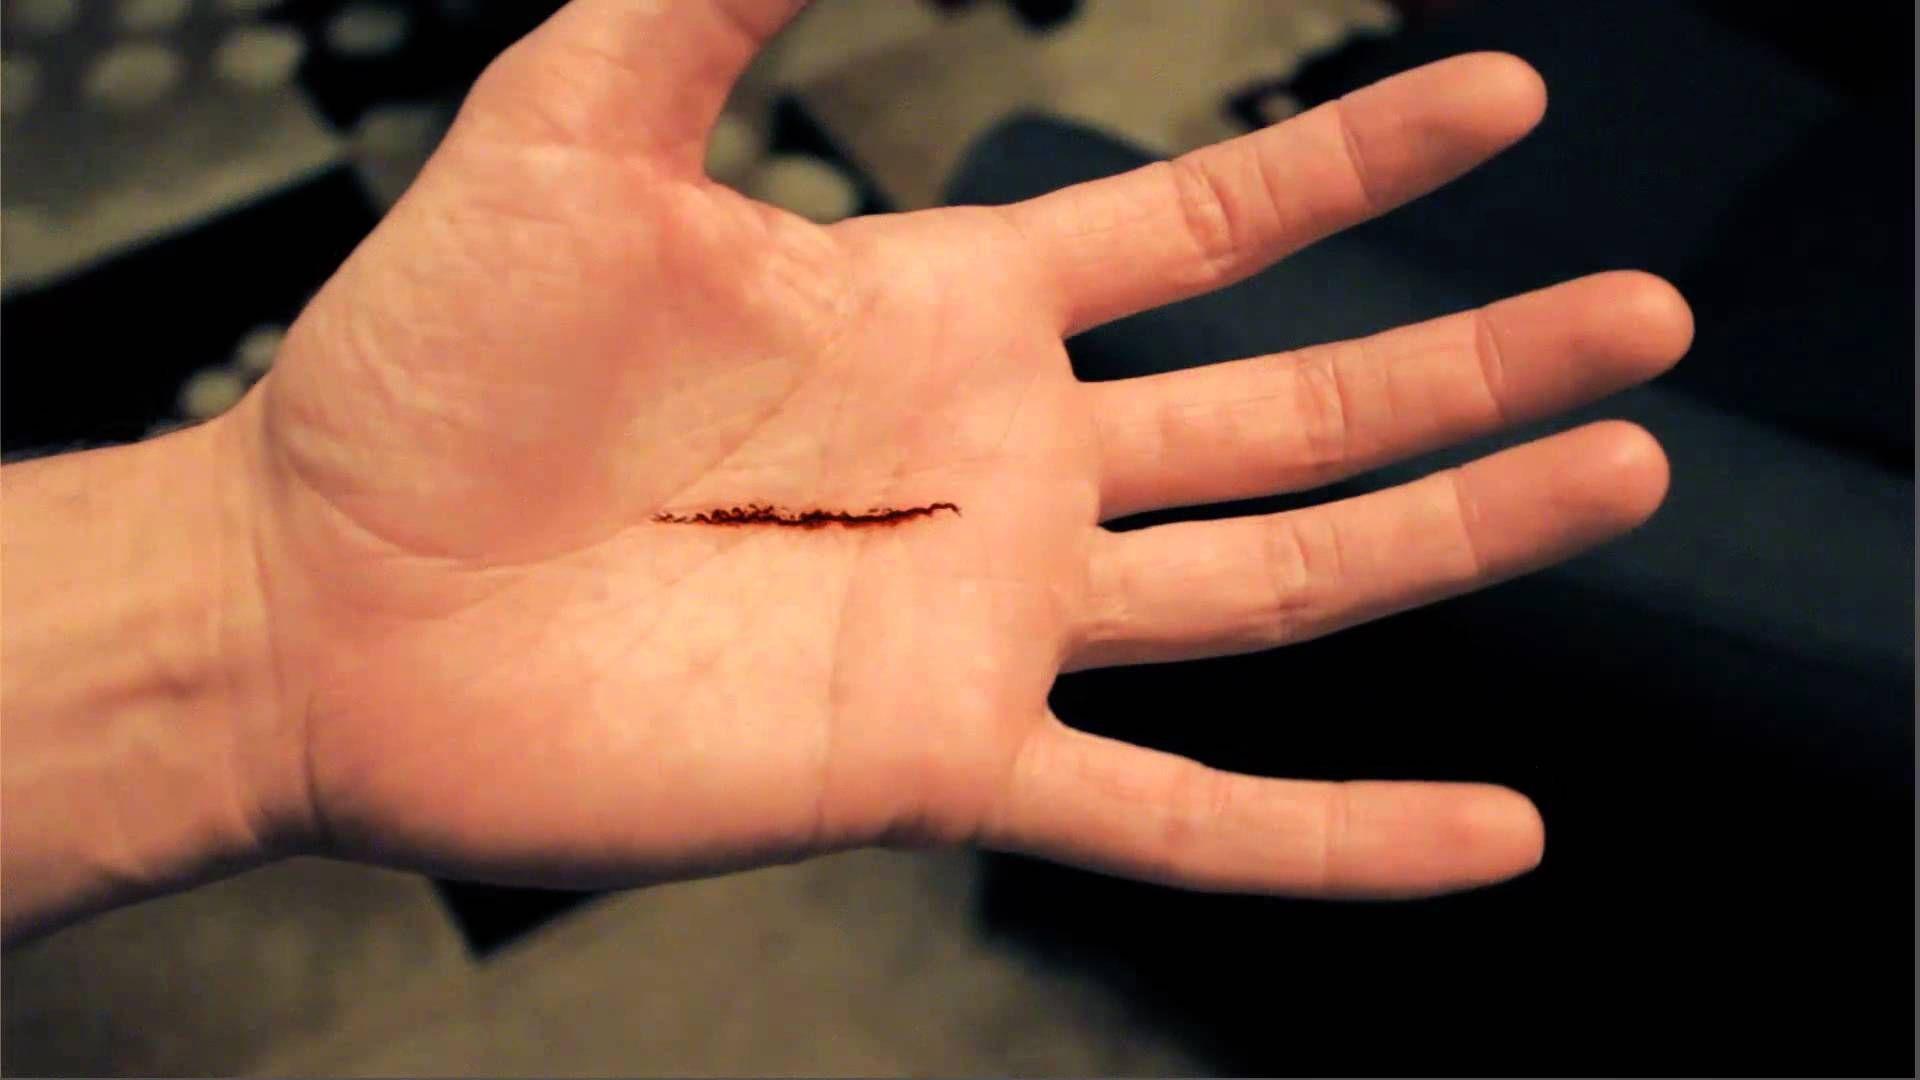 تفسير حلم قطع يد كف اليد اليسرى موسوعة Leaf Tattoos Maple Leaf Tattoo Tattoos